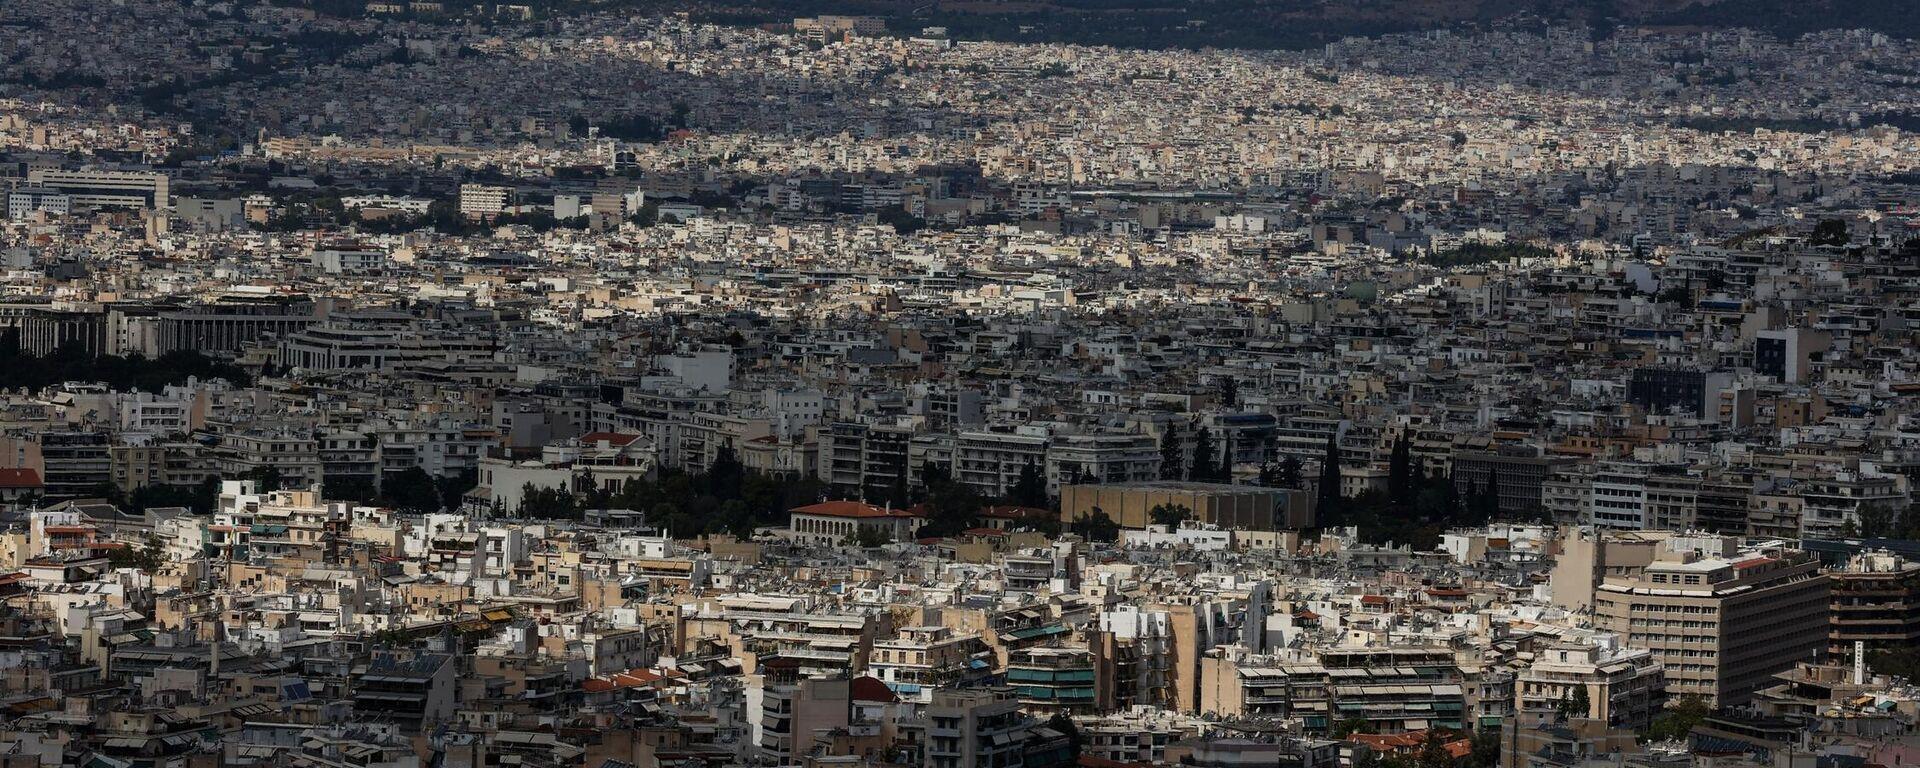 Η Αθήνα εν μέσω πανδημίας - Sputnik Ελλάδα, 1920, 04.10.2021